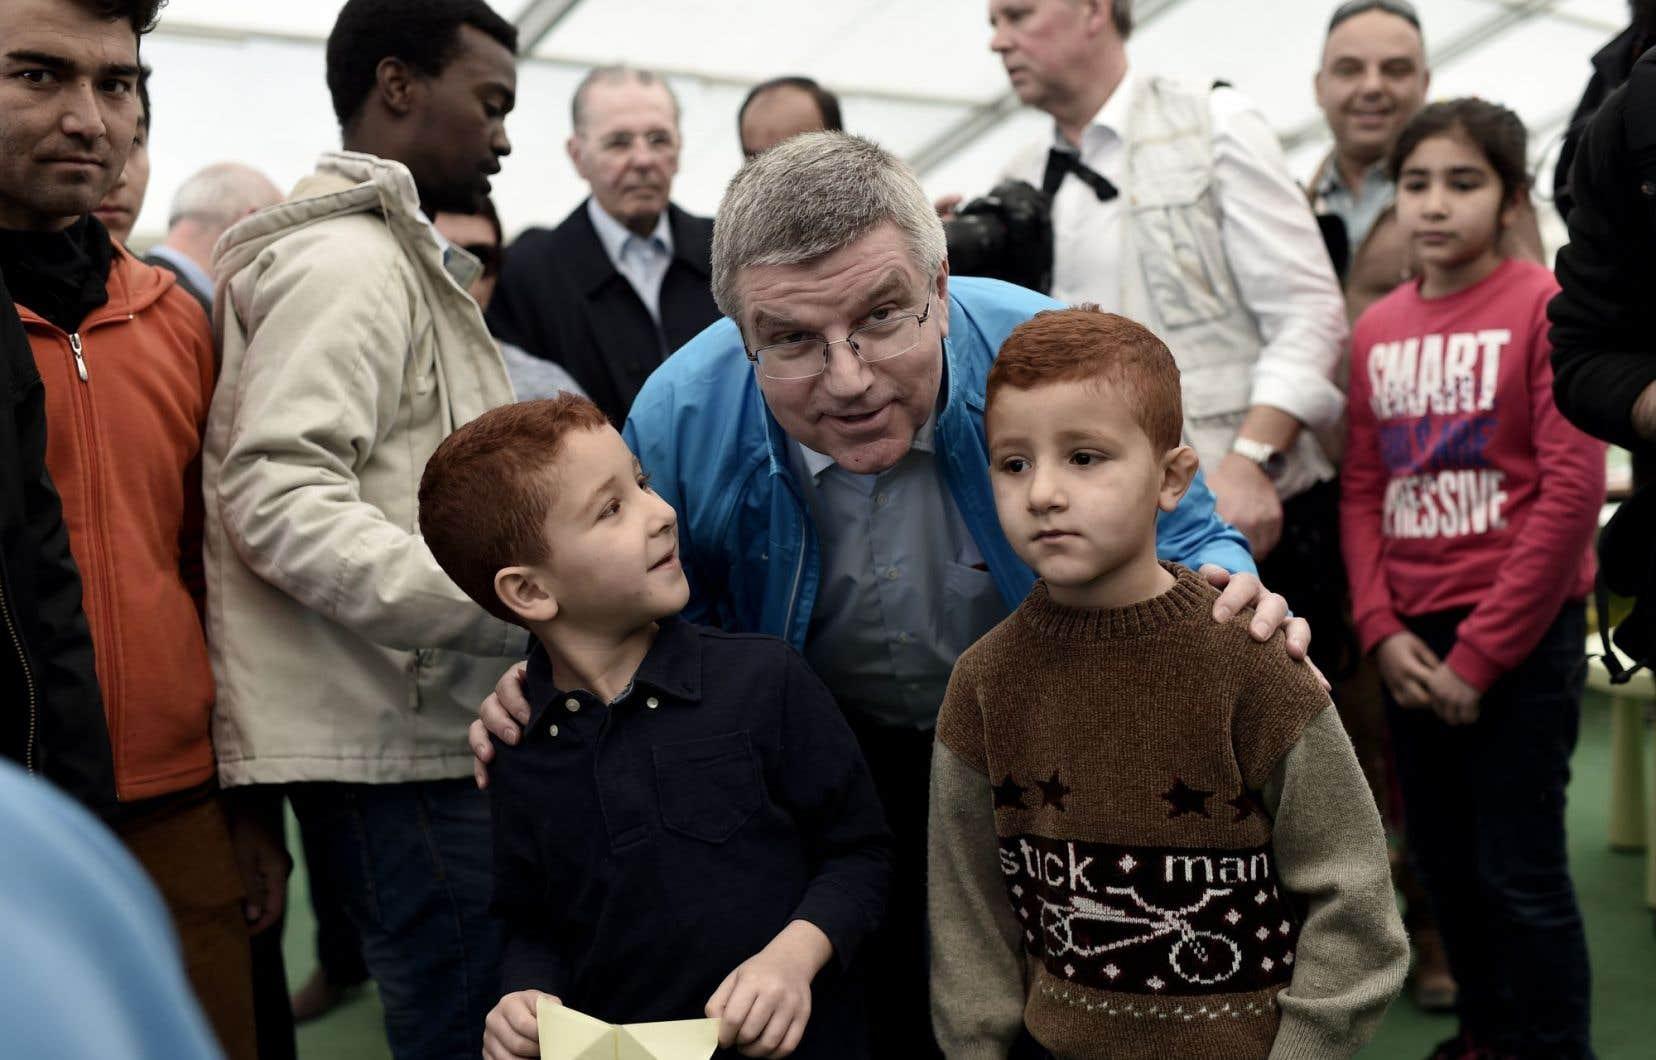 Le président du CIO, Thomas Bach, photographié avec de jeunes réfugiés à l'occasion d'une visite dans un camp à Athènes